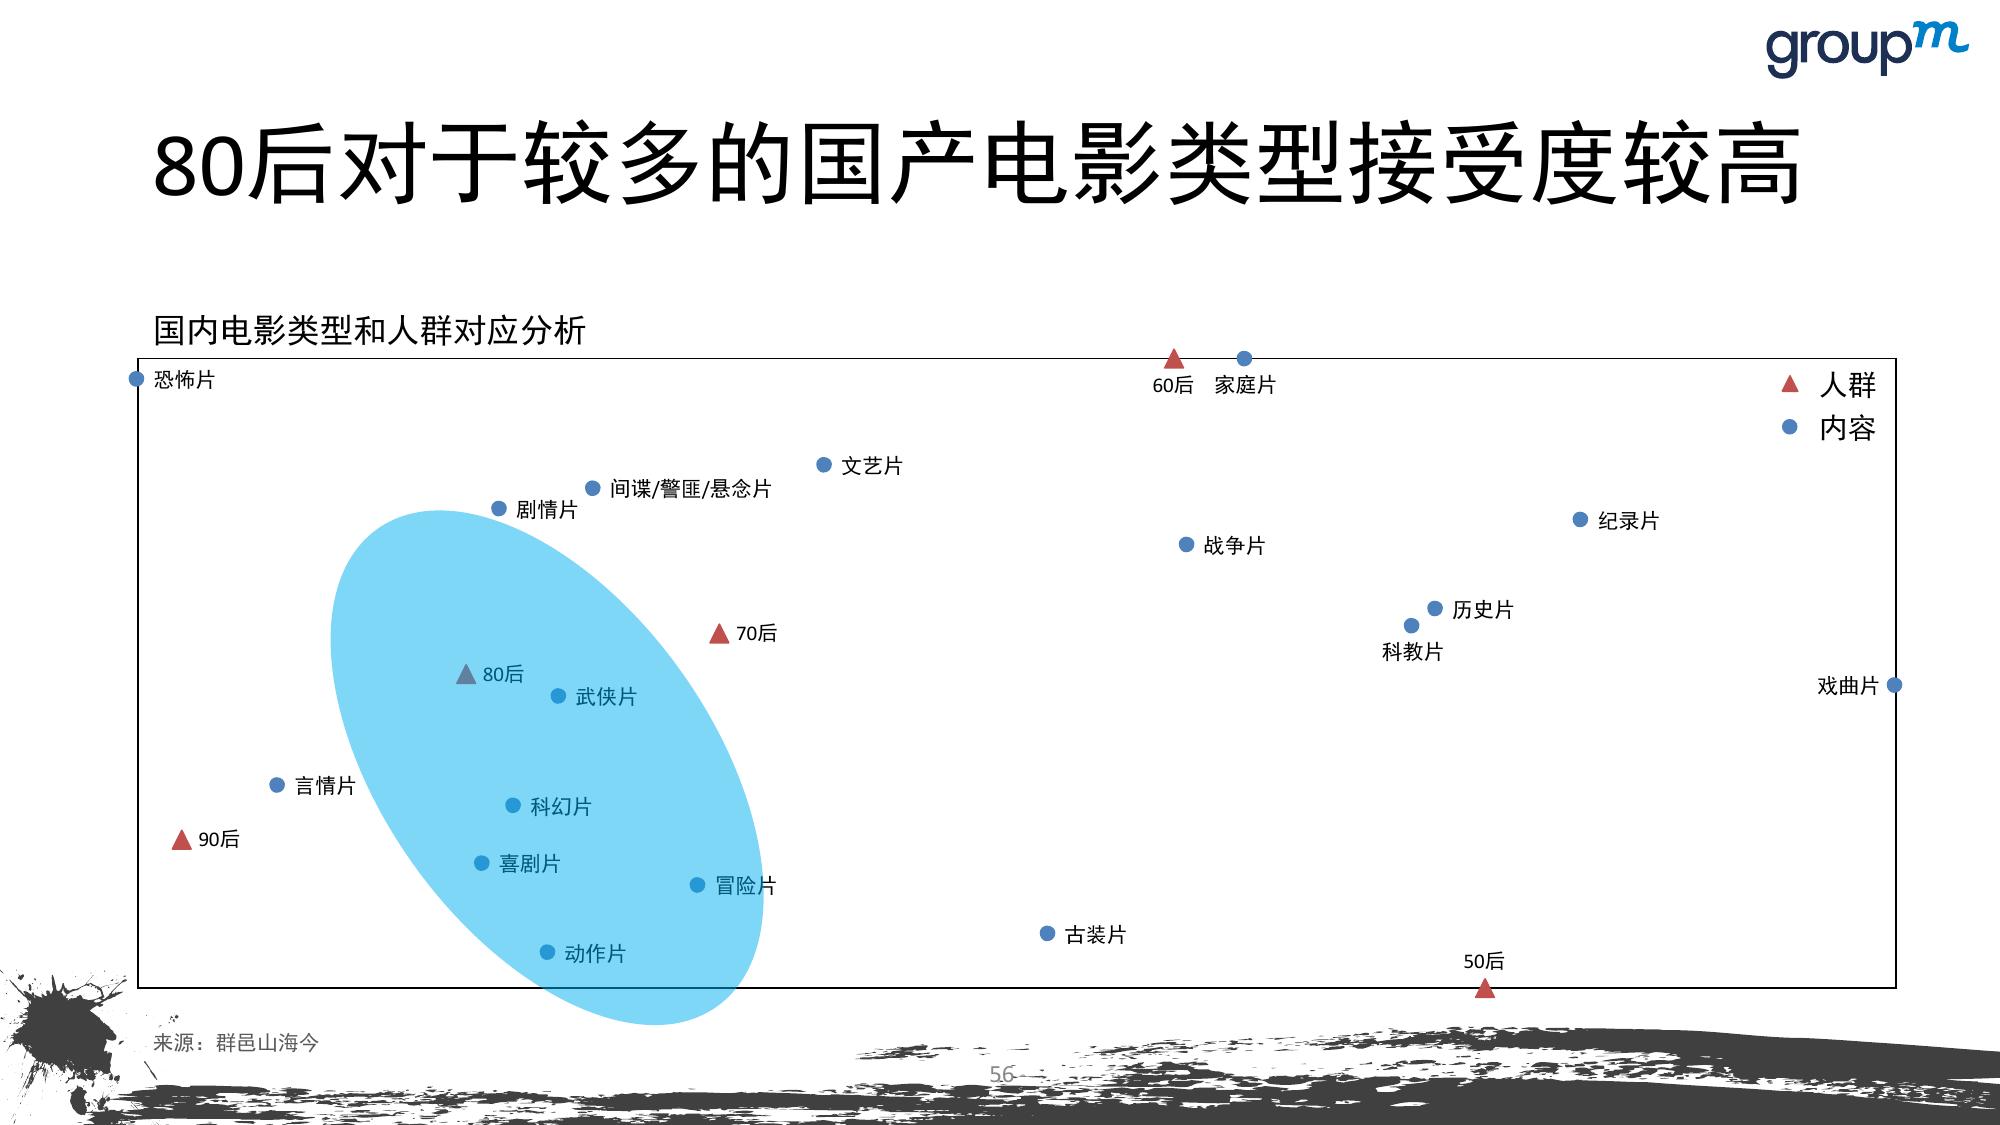 山海今2015中国媒介趋势报告_000056